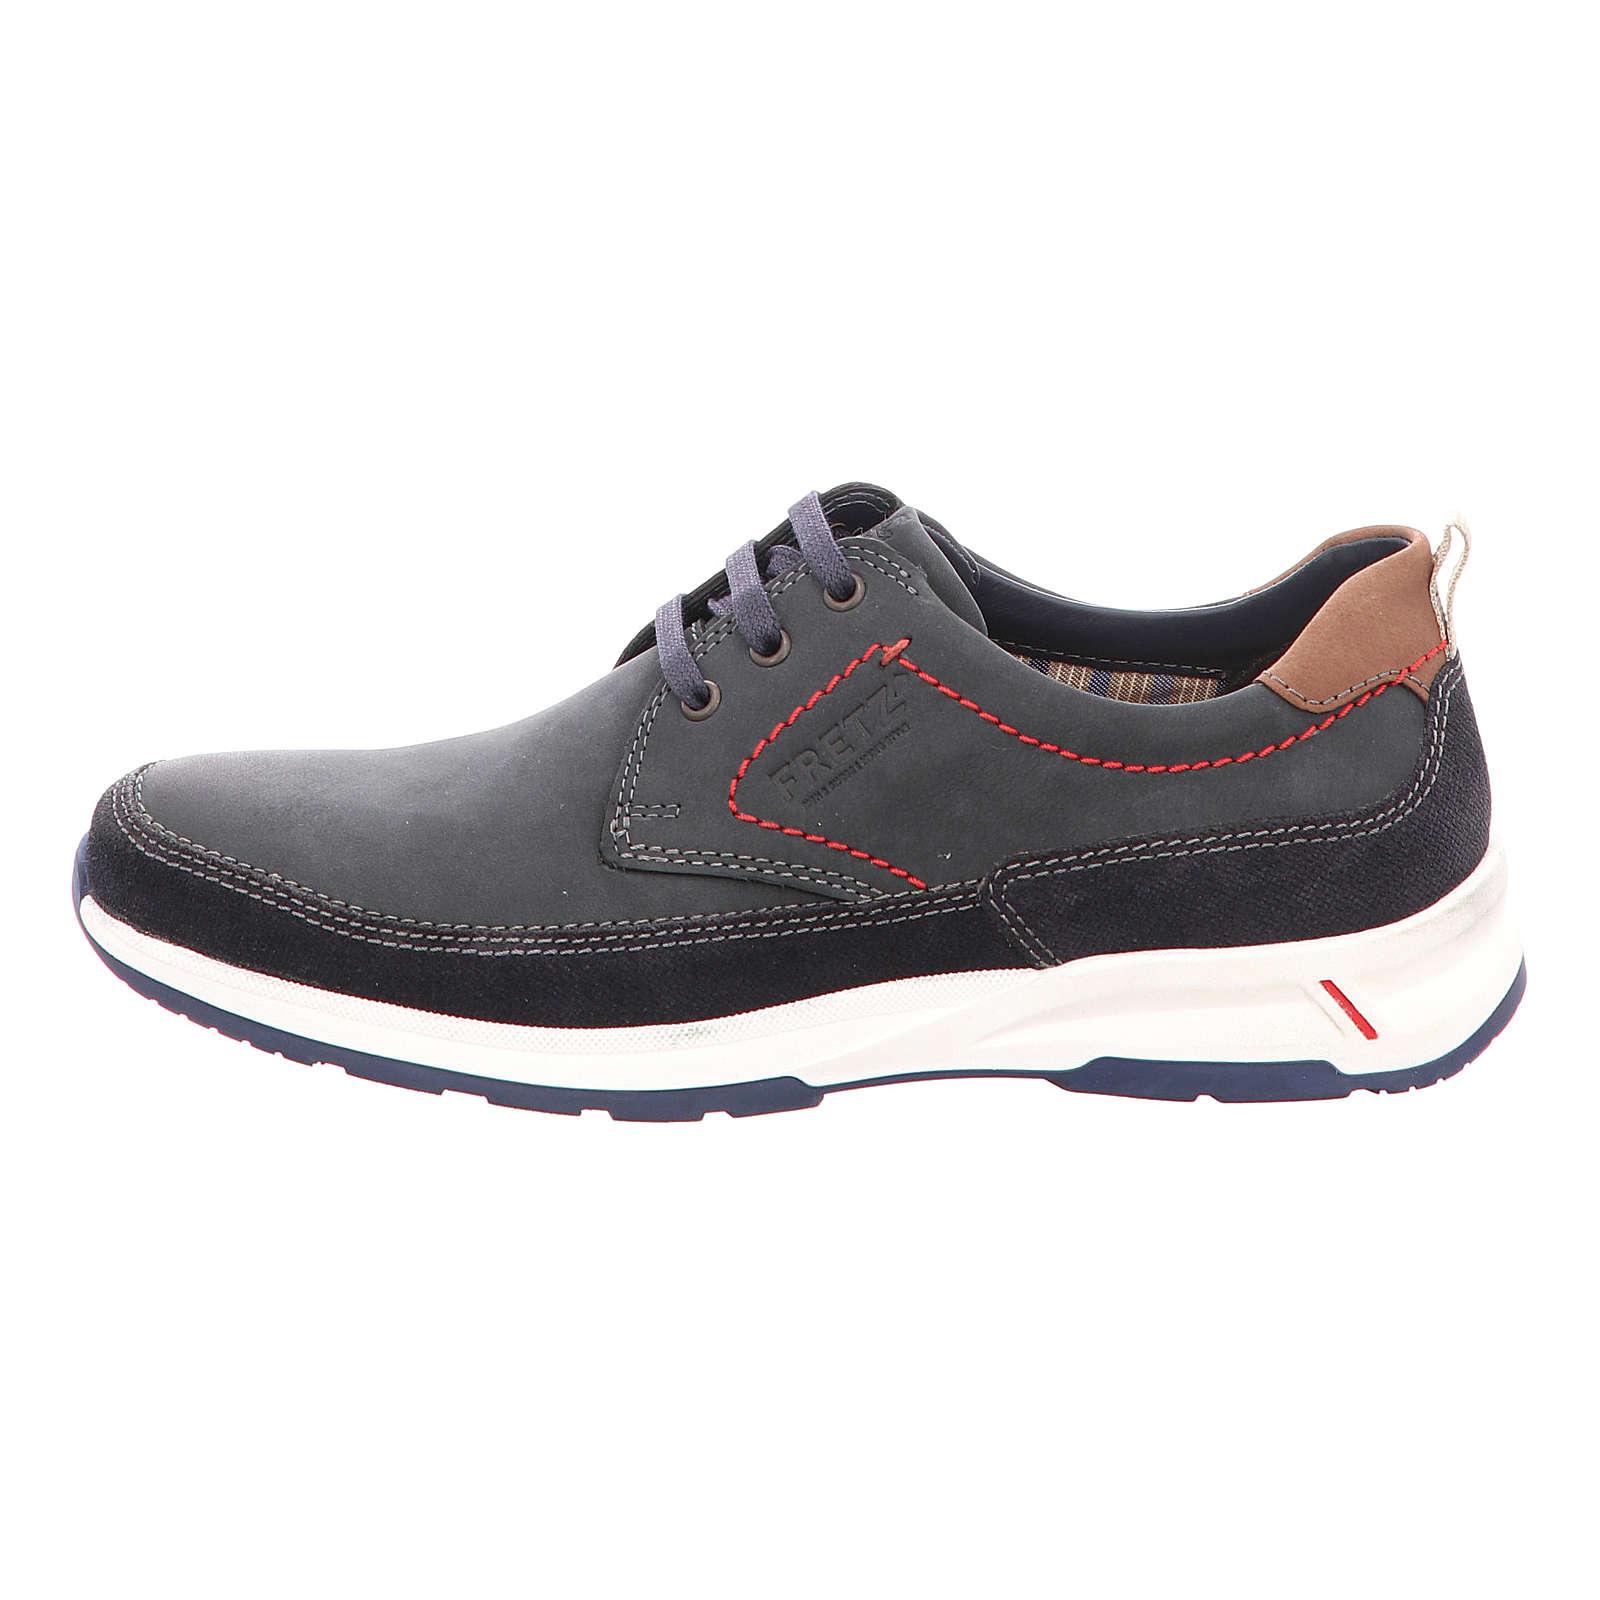 FRETZ men Cordless Freizeit Schuhe blau Herren Gr. 43 ed1ea5b750